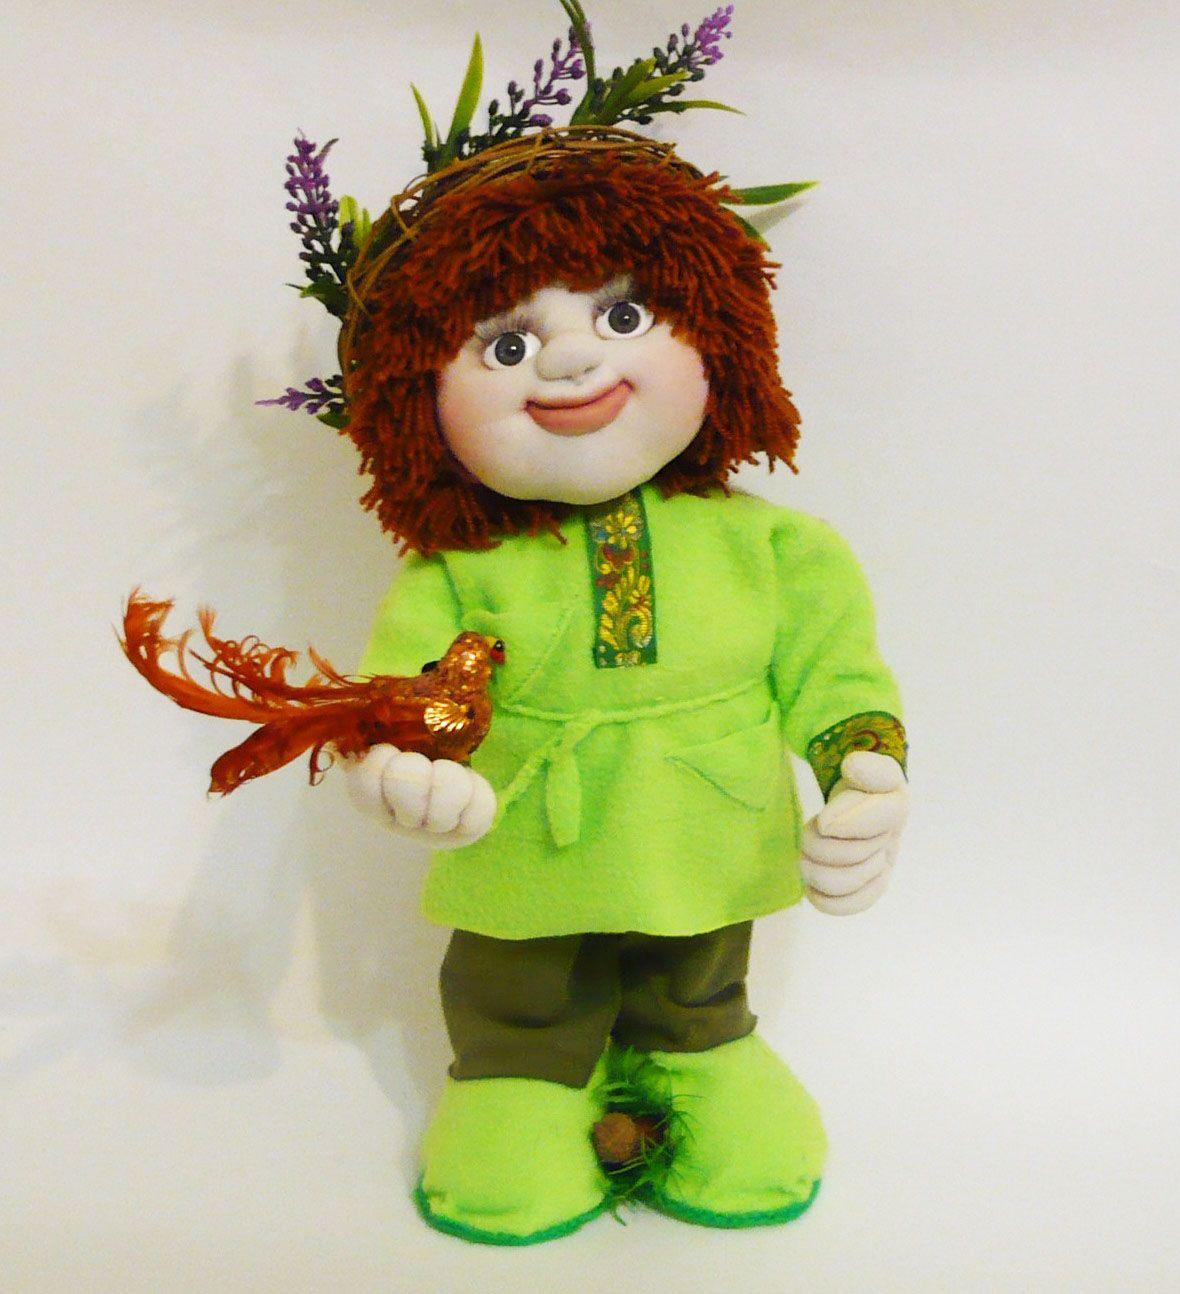 куклыручнойработы интерьерныекуклырукодельныеизюминки подарки куклы